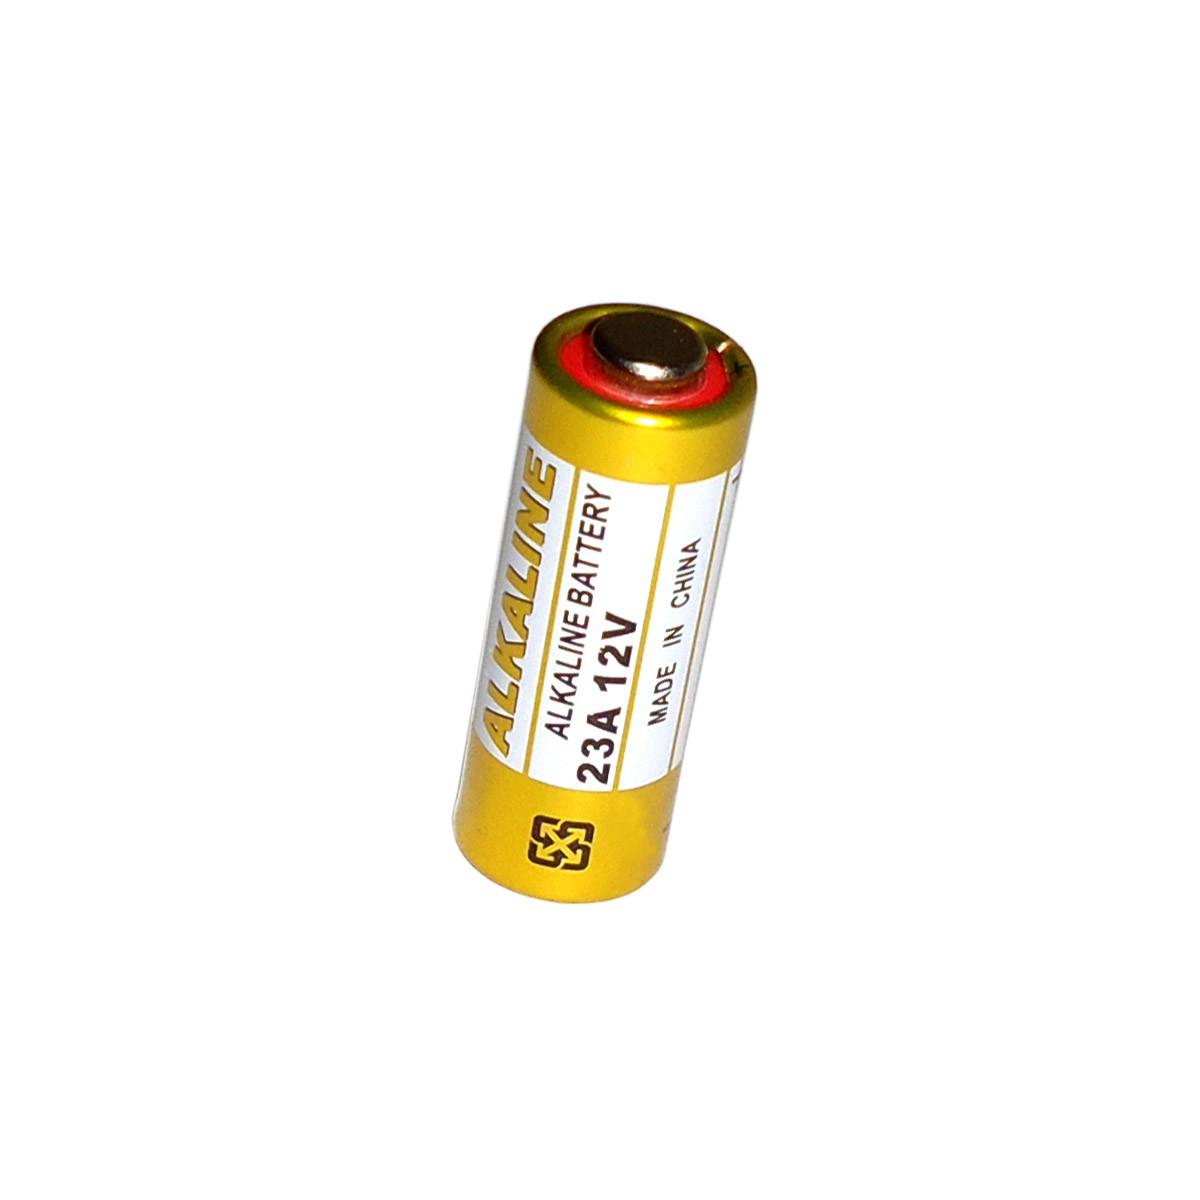 10 Pilhas para Controle Remoto 12v A23 Alcalina